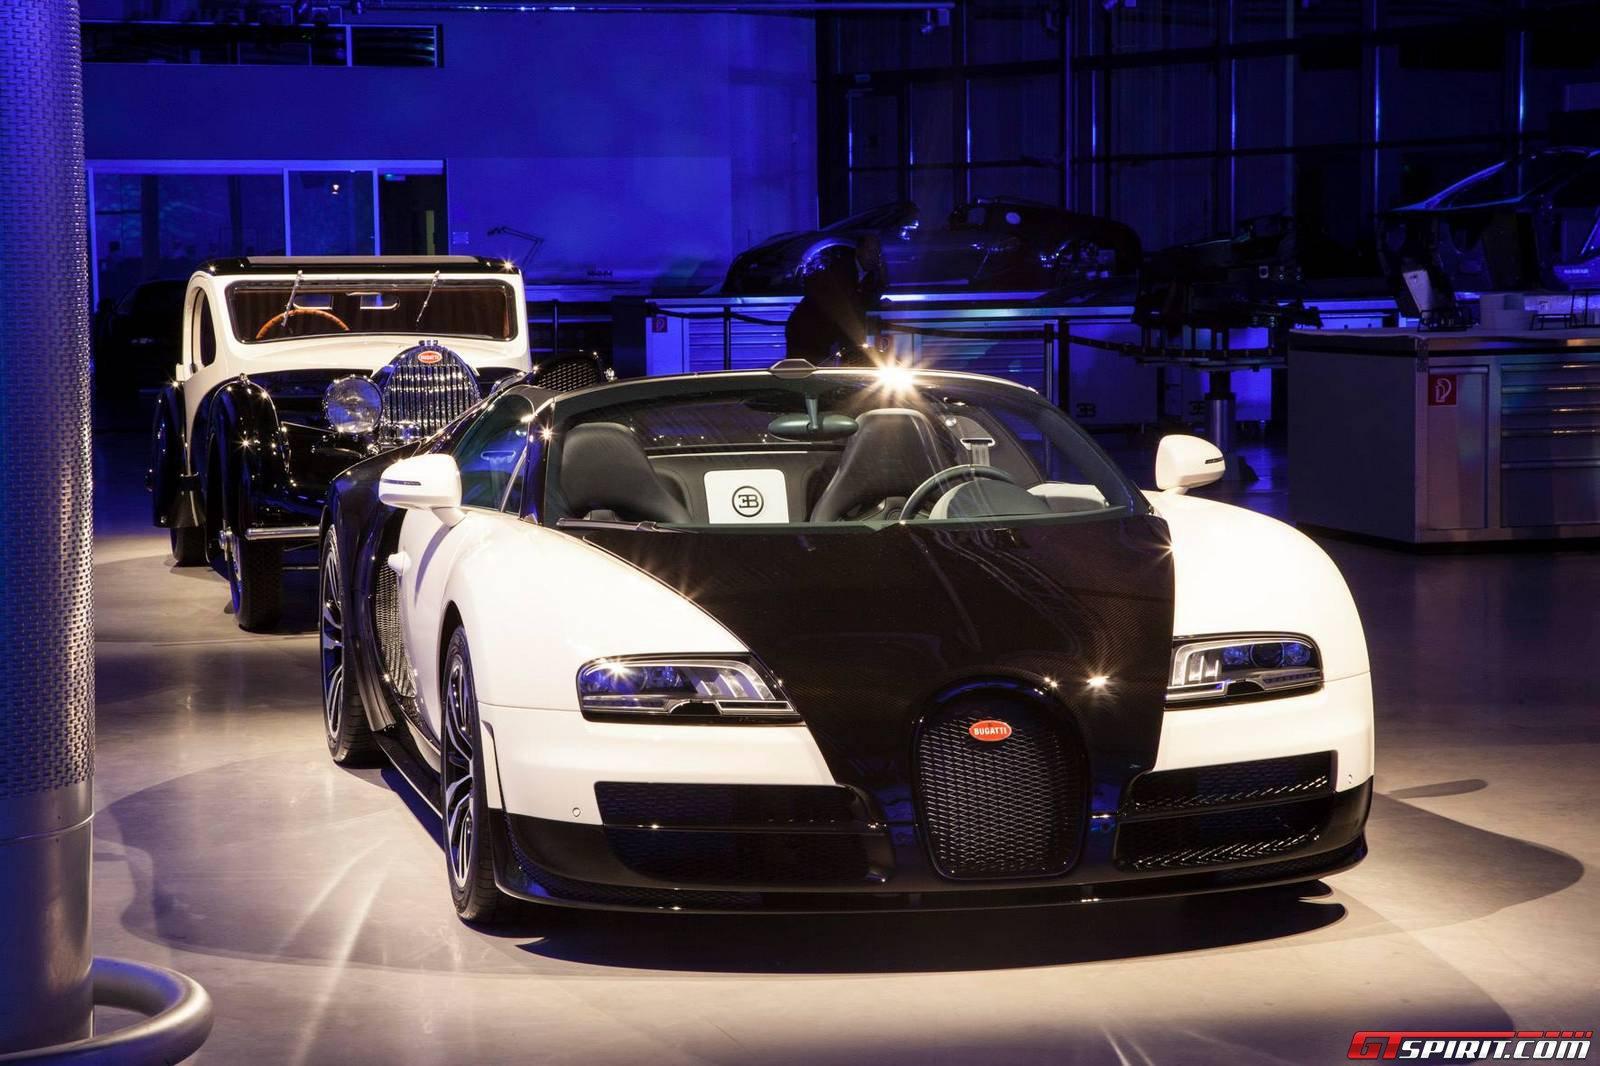 Bugatti Veyron ra mắt phiên bản mới theo tên nhạc sĩ dương cầm